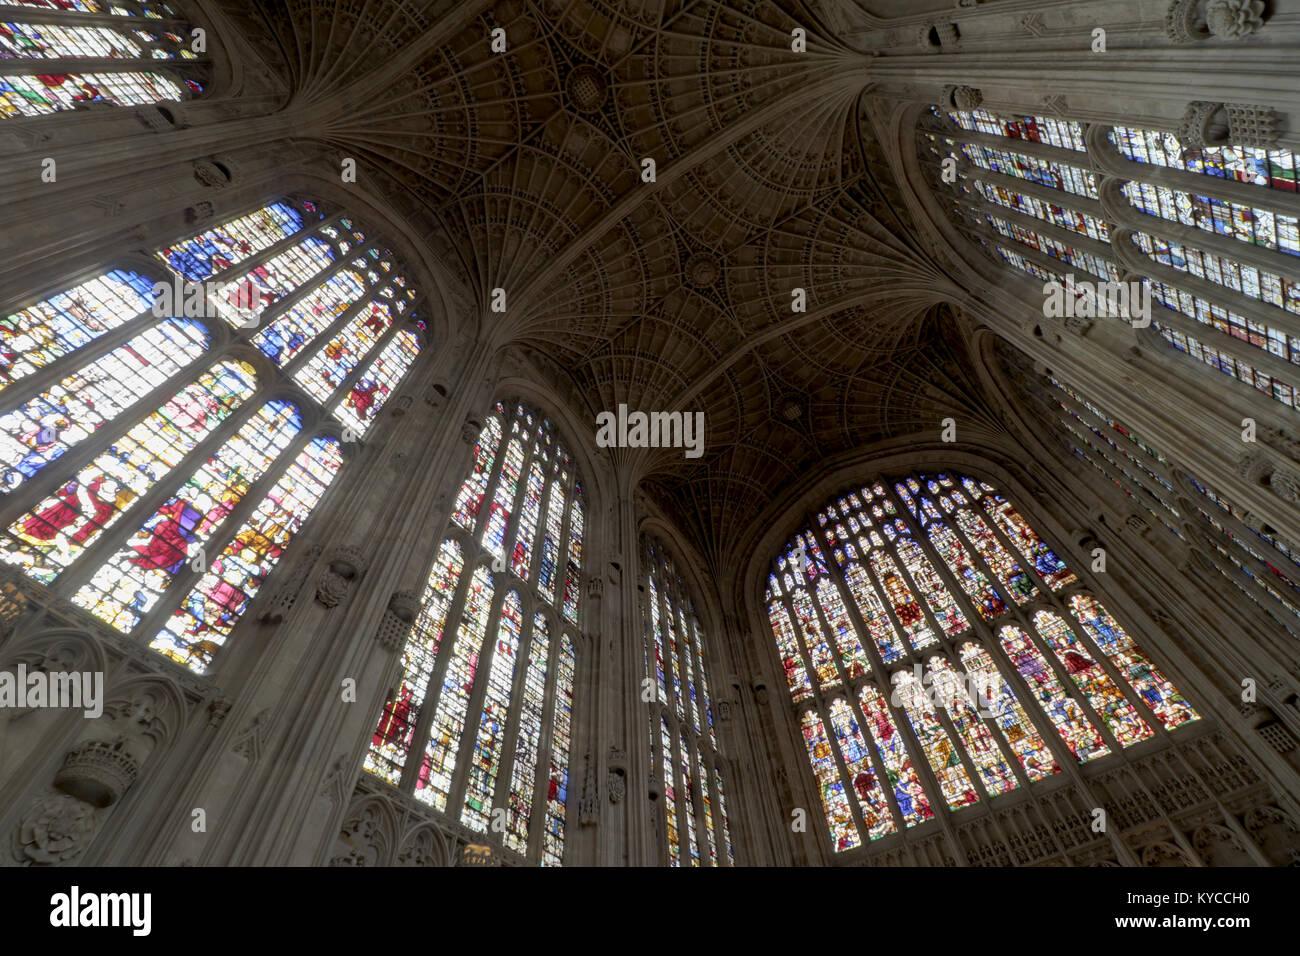 Ventilateur de plafond voûte et des vitraux de la chapelle de Kings College à l'Université de Cambridge, Angleterre Banque D'Images